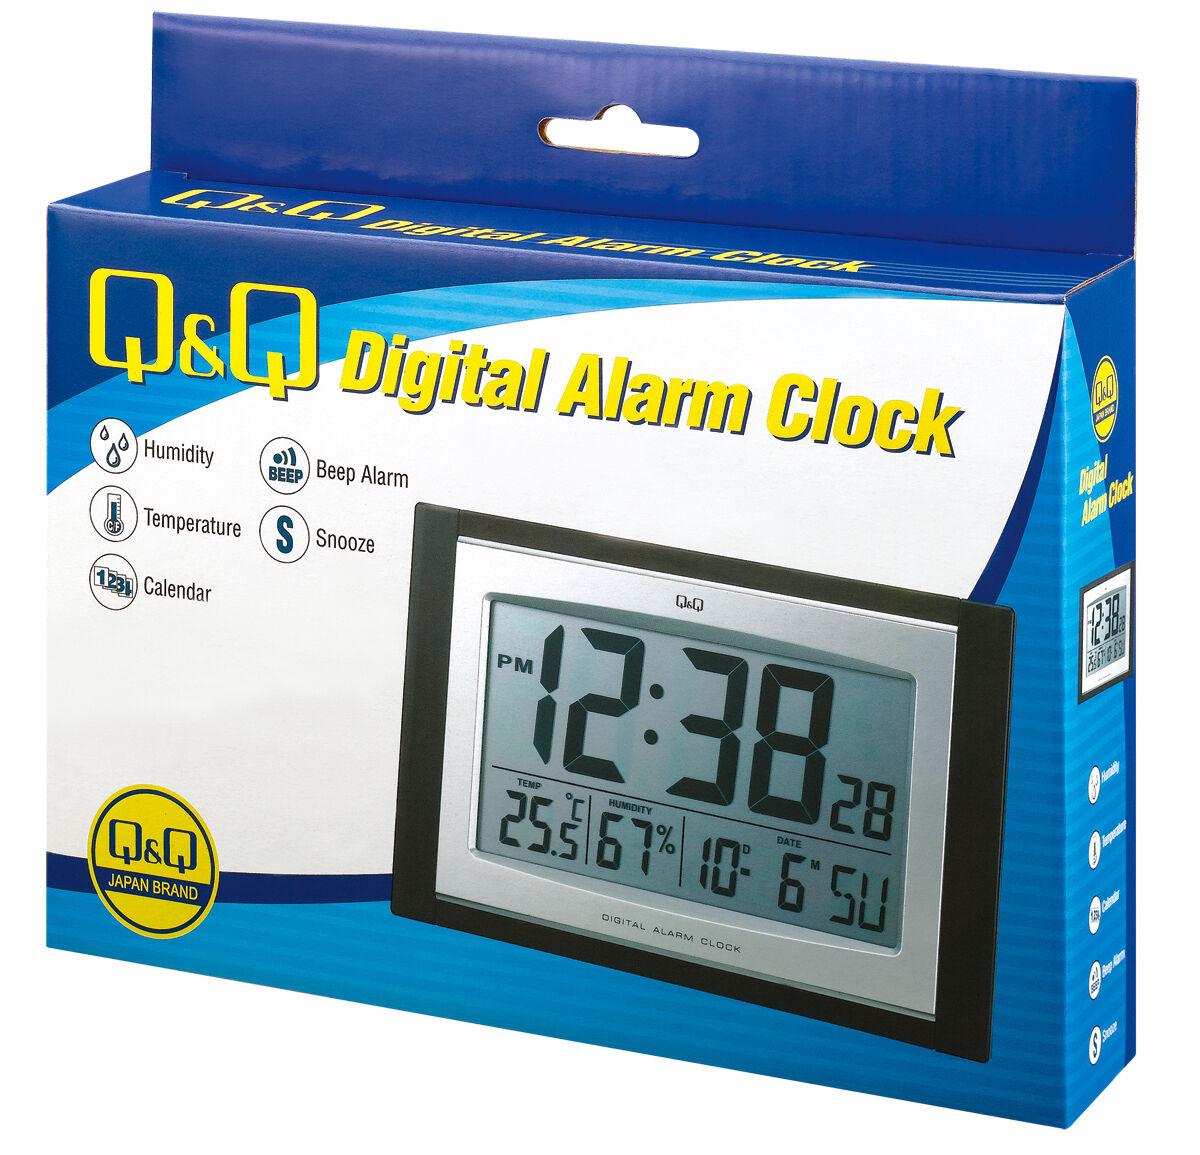 aussie seler citizen made alarm wall clock snooze